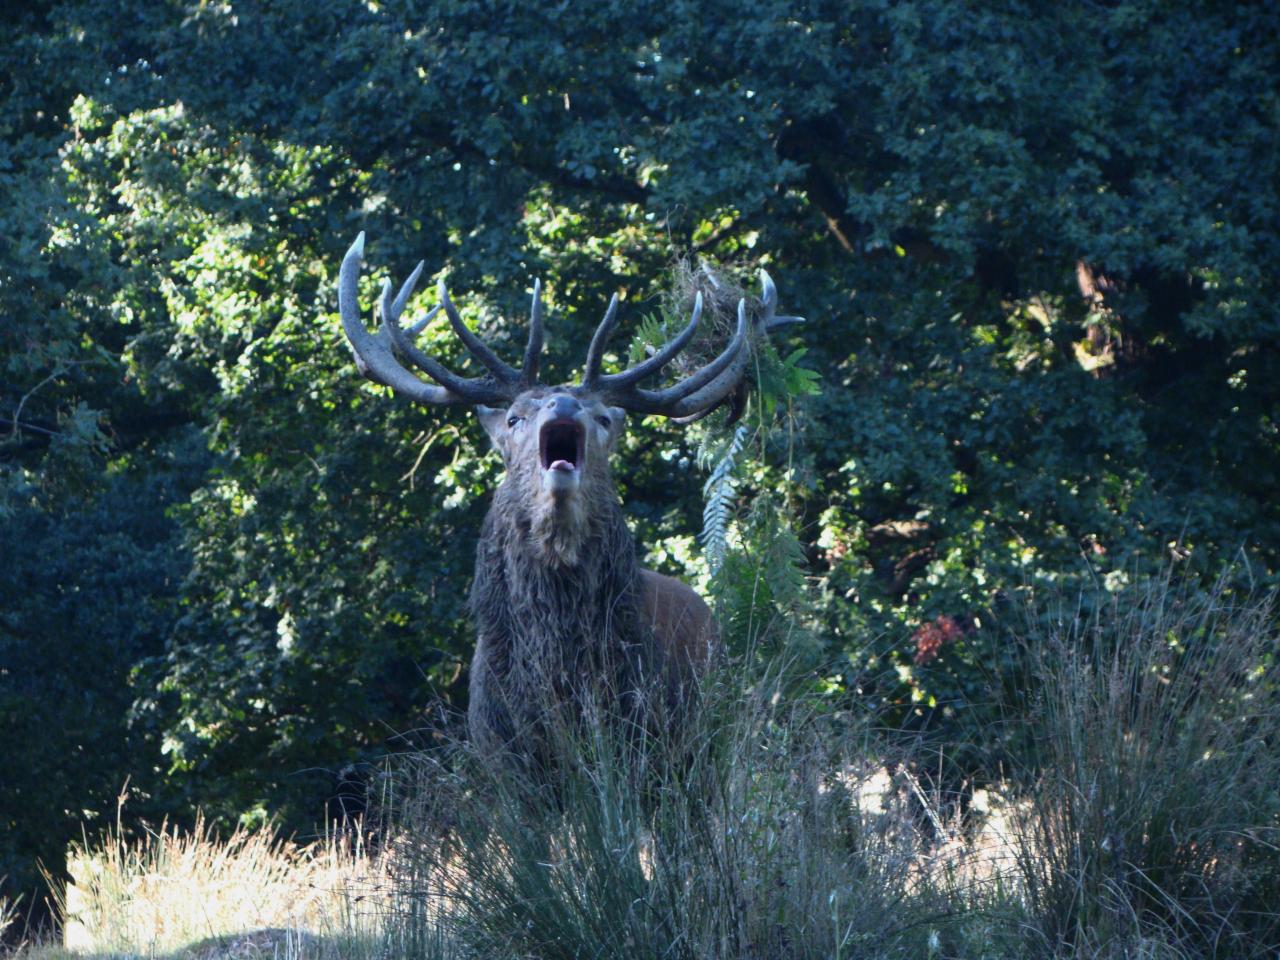 アカシカの雄1頭|ロンドンのリッチモンド・パークにて|2016年10月5日撮影